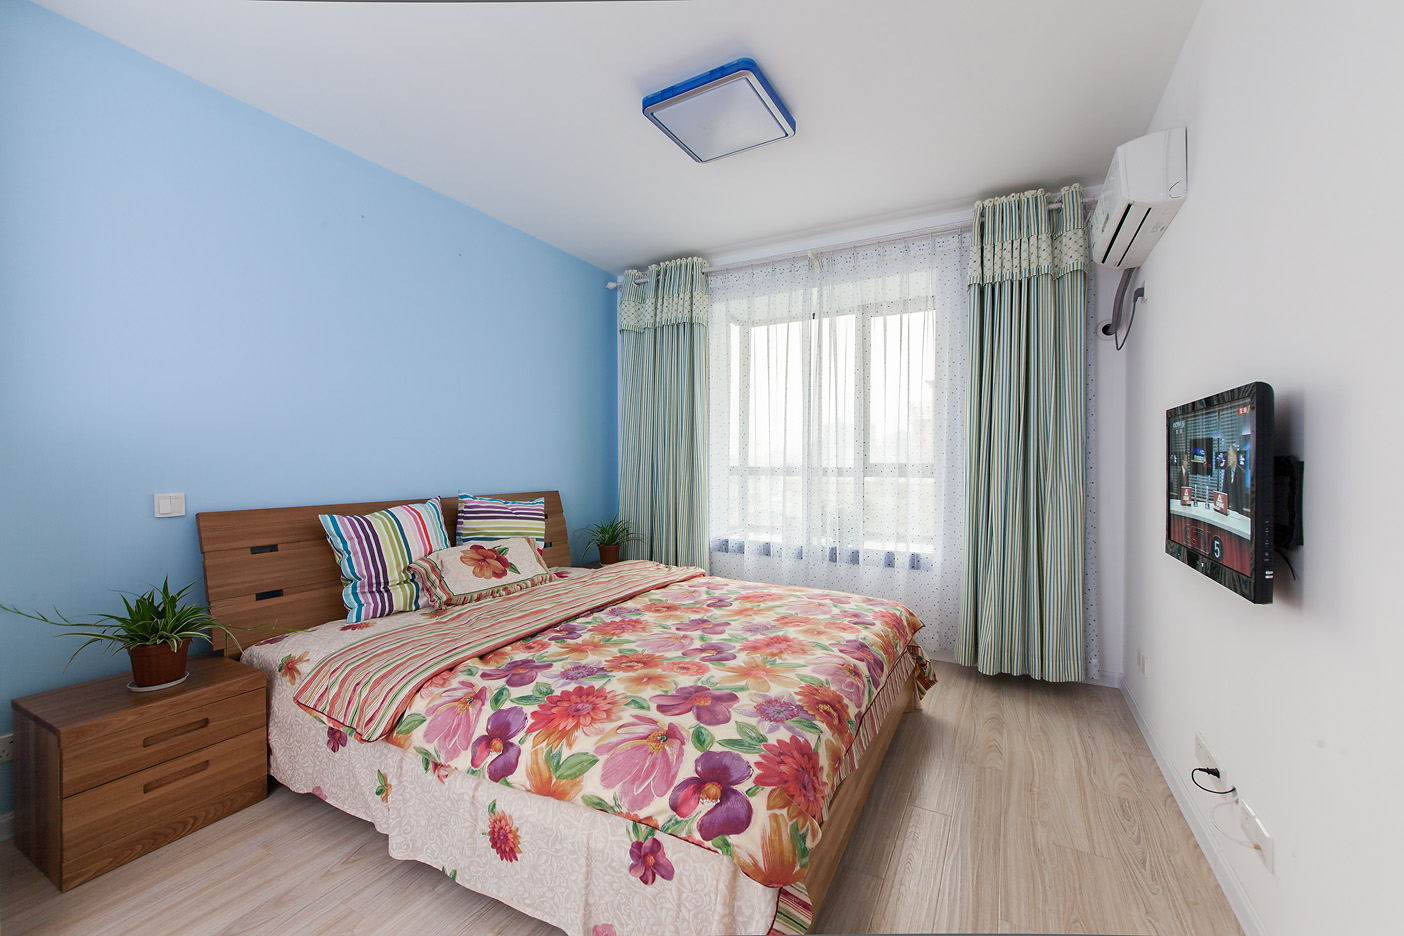 卧室中没有华丽灯池的装饰,整个以白色蓝色原木家居装饰而成,一种贞洁之感。